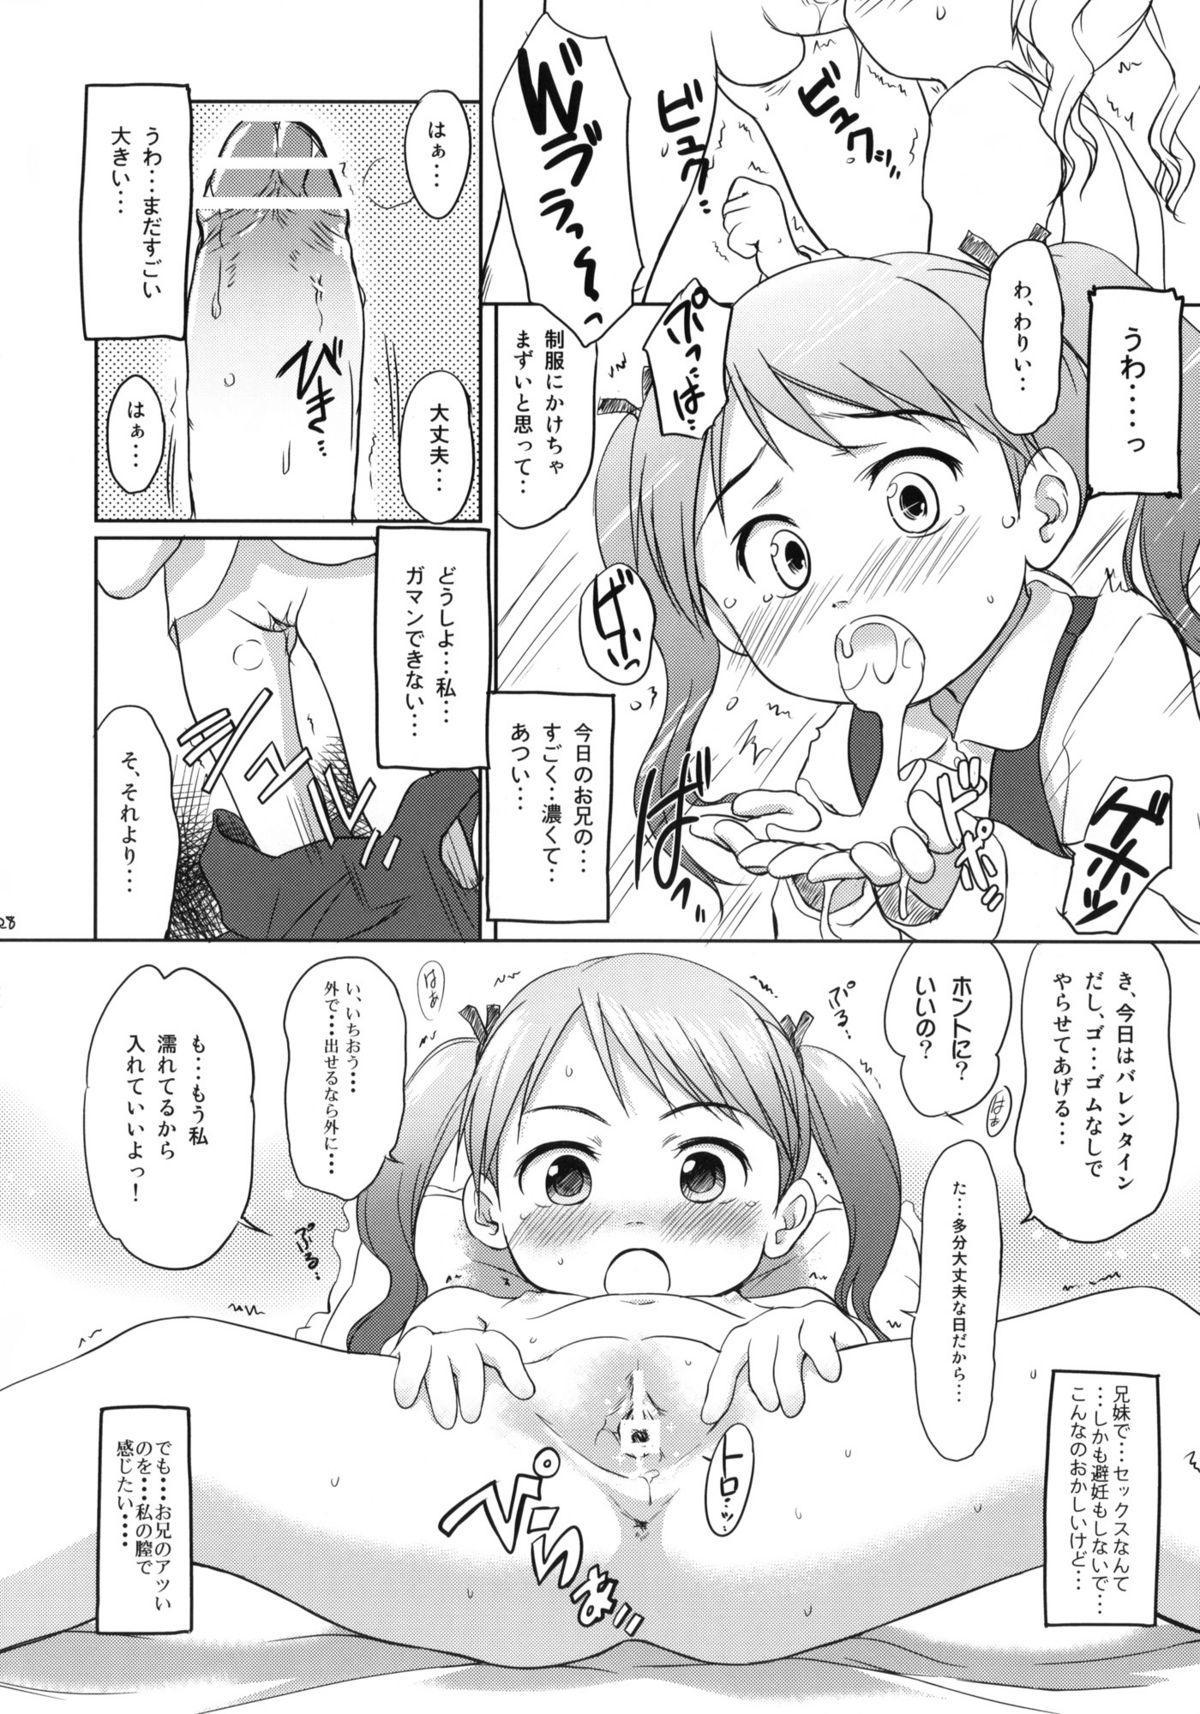 Imouto wa Minna Onii-chan ga Suki! 25